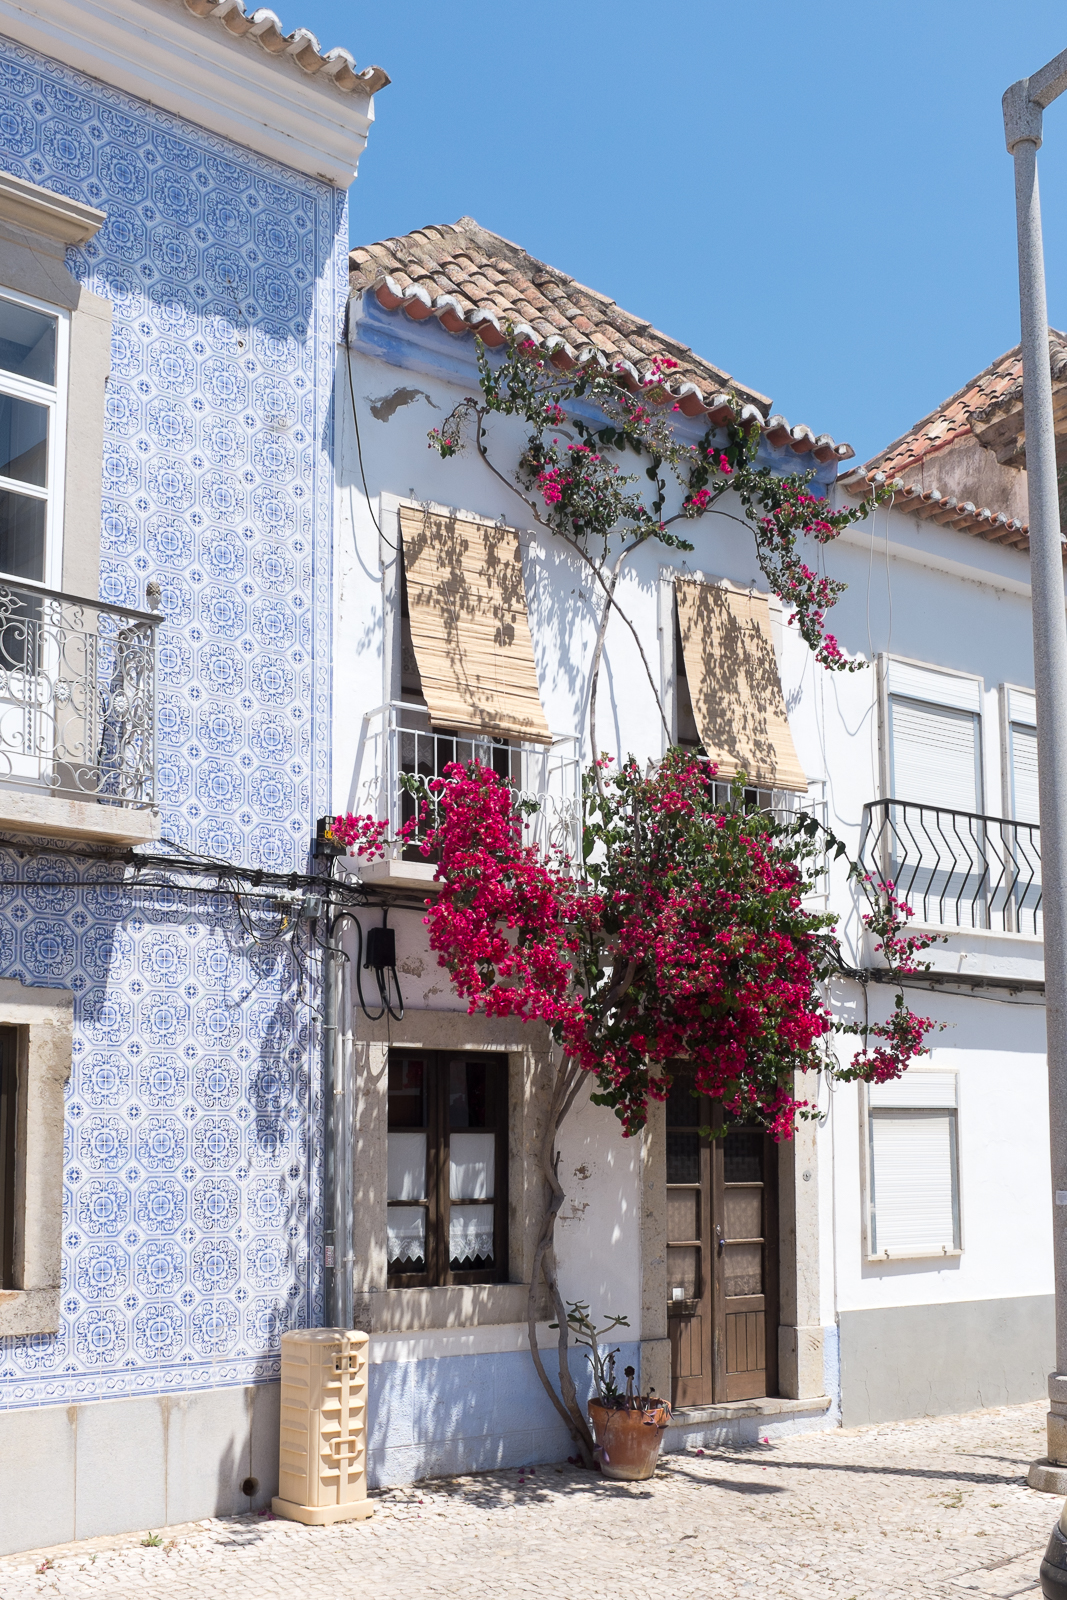 Dag07-Algarve-018-DSCF1939